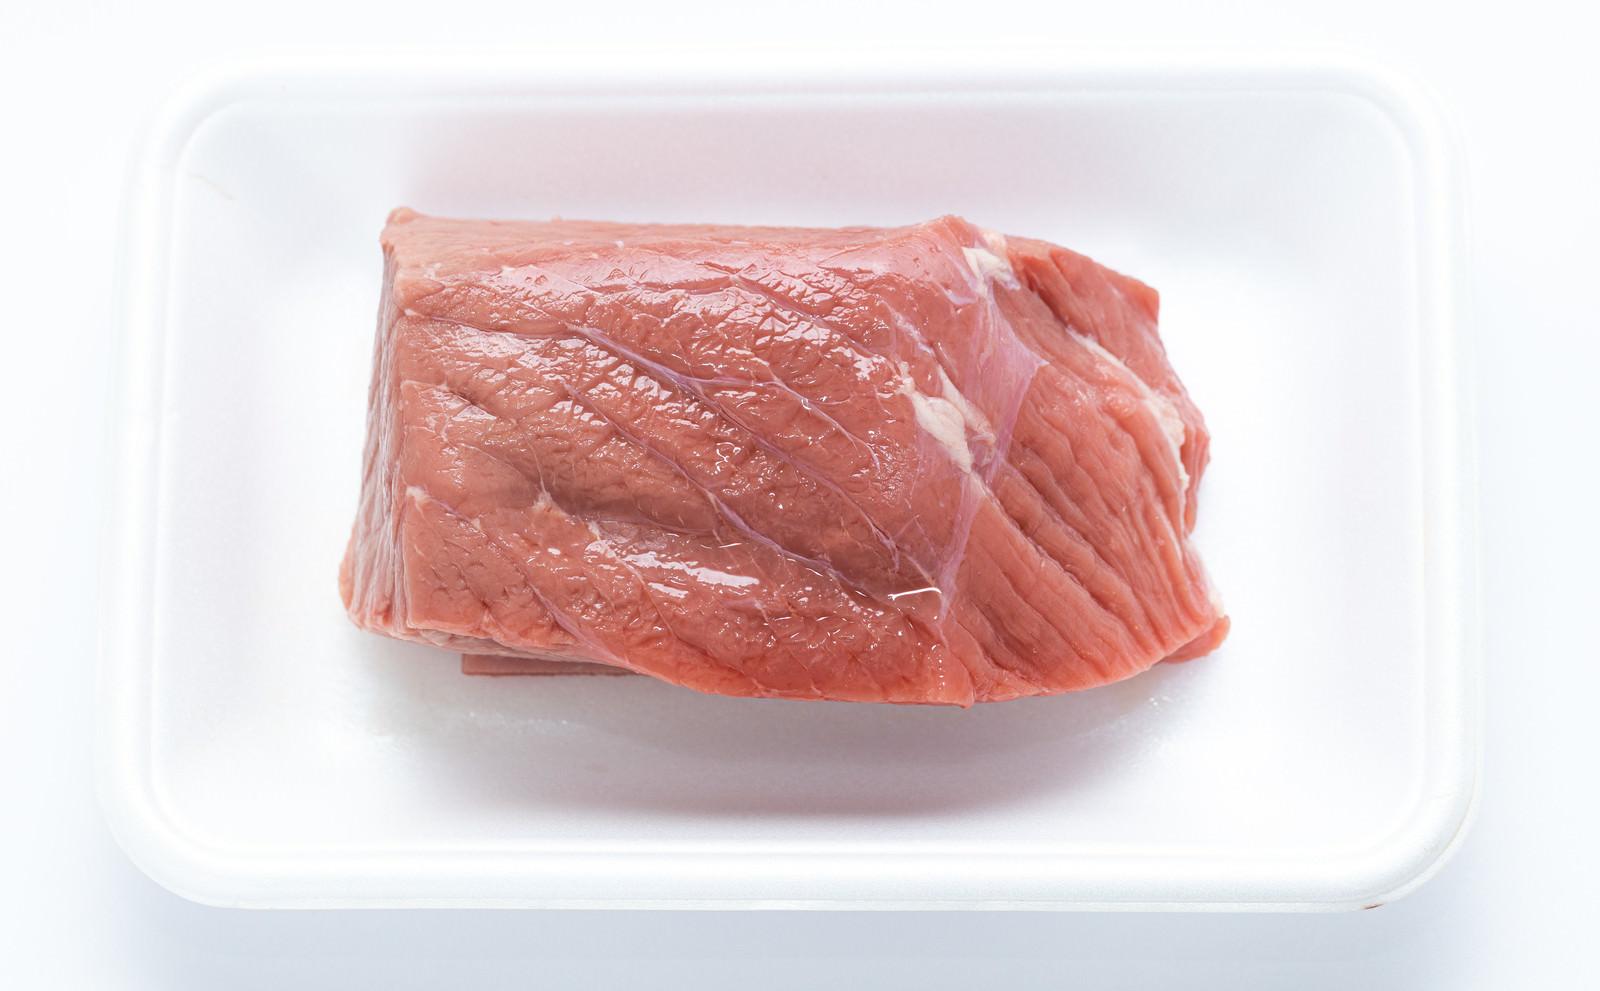 「低脂肪の牛モモ肉(ブロック)」の写真